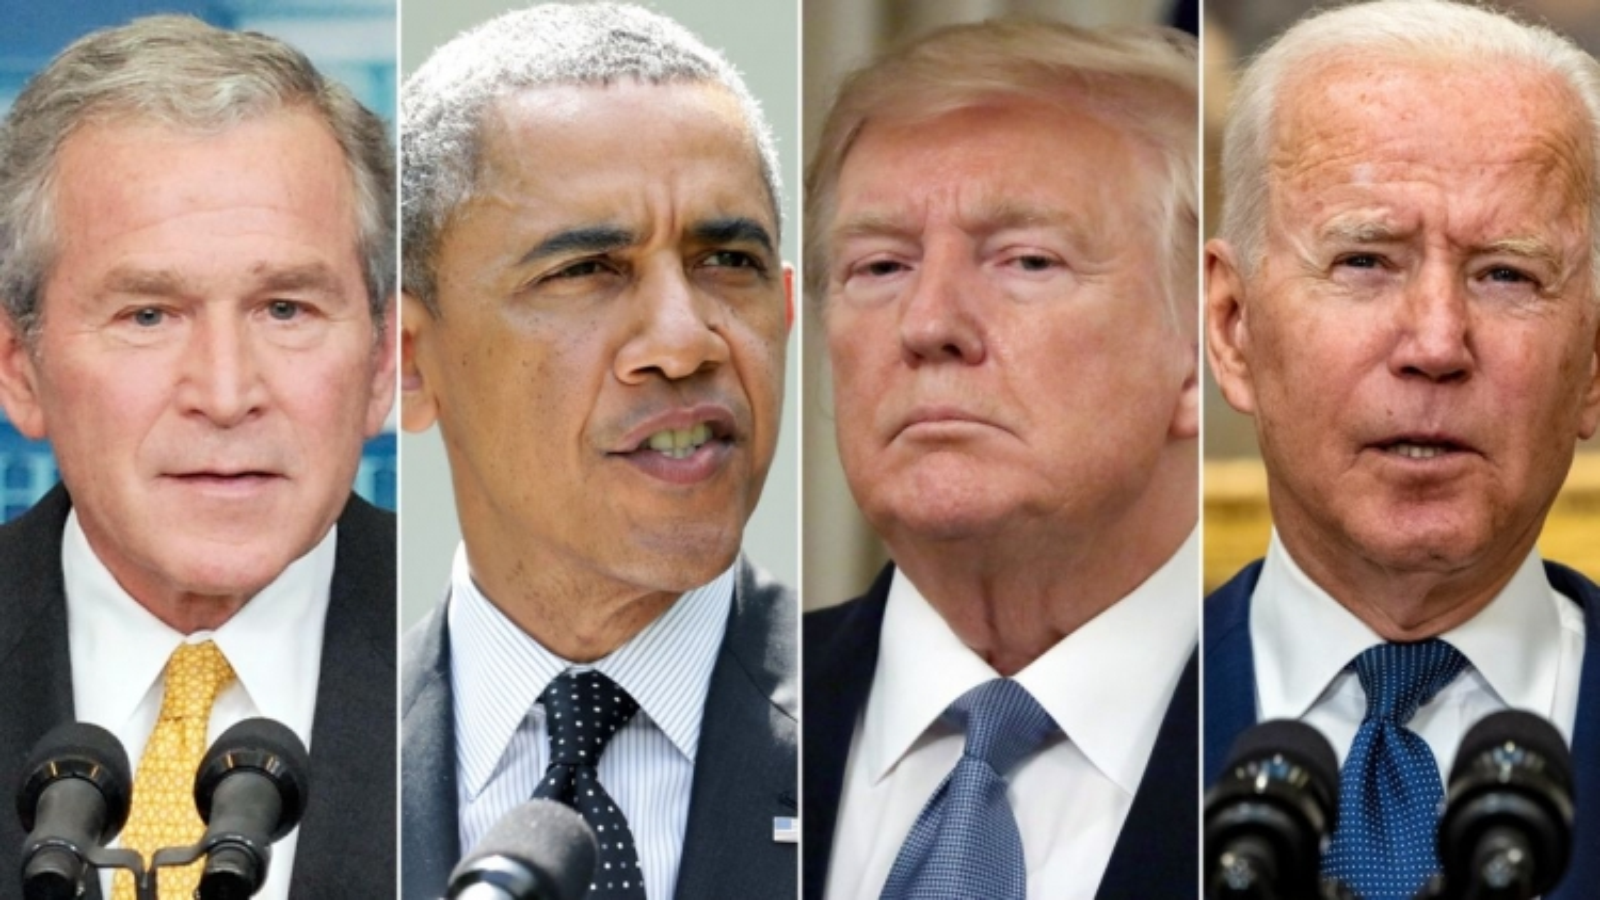 """""""Vũng lầy"""" Afghanistan hình thành và trải qua 4 đời tổng thống Mỹ như thế nào?"""